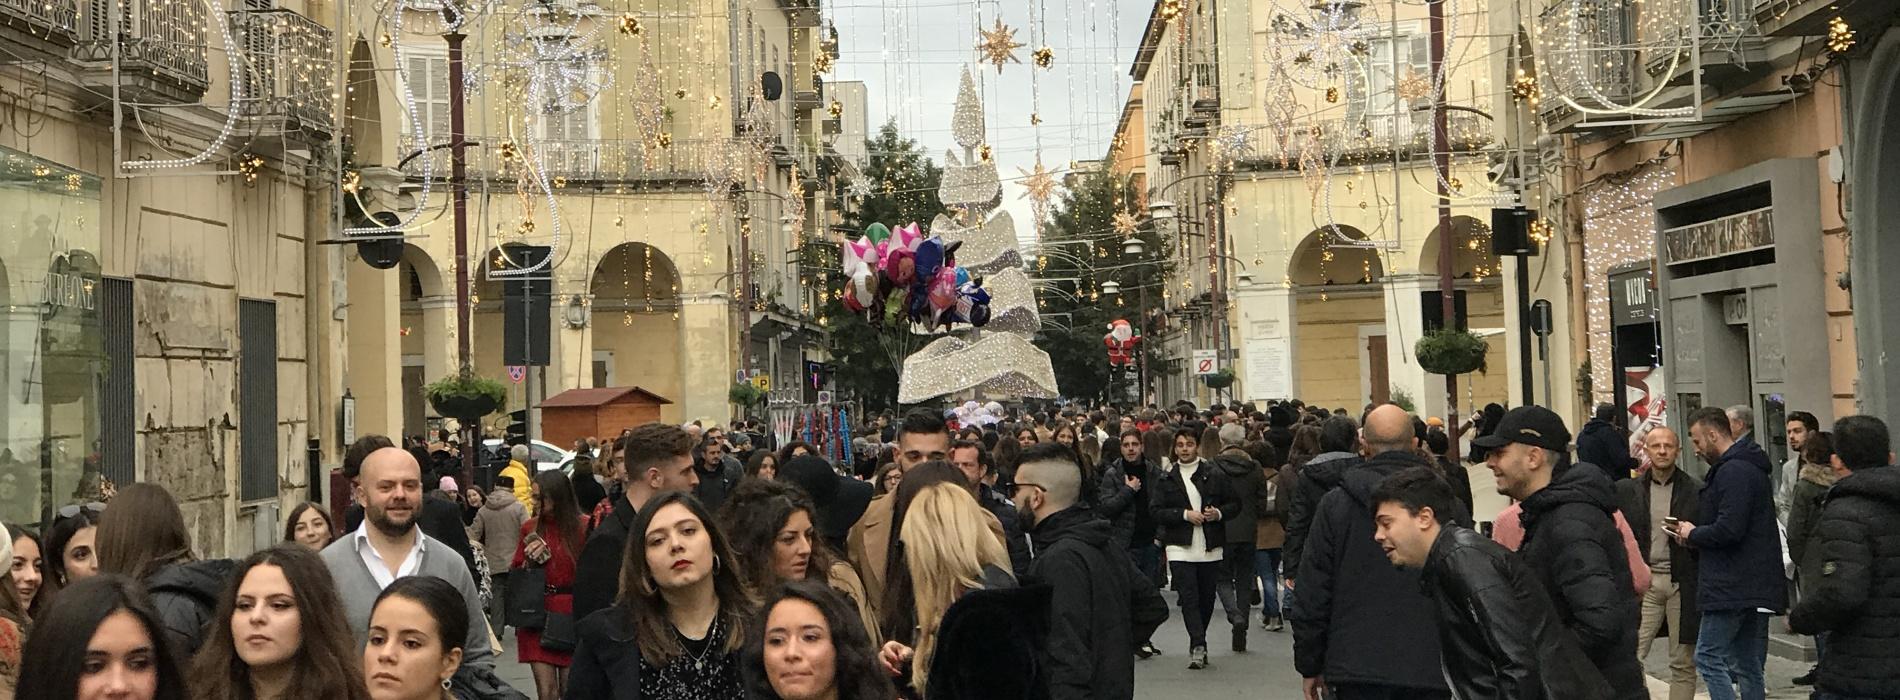 Vigilia a Caserta, brindisi dei ritornanti all'ombra della Reggia